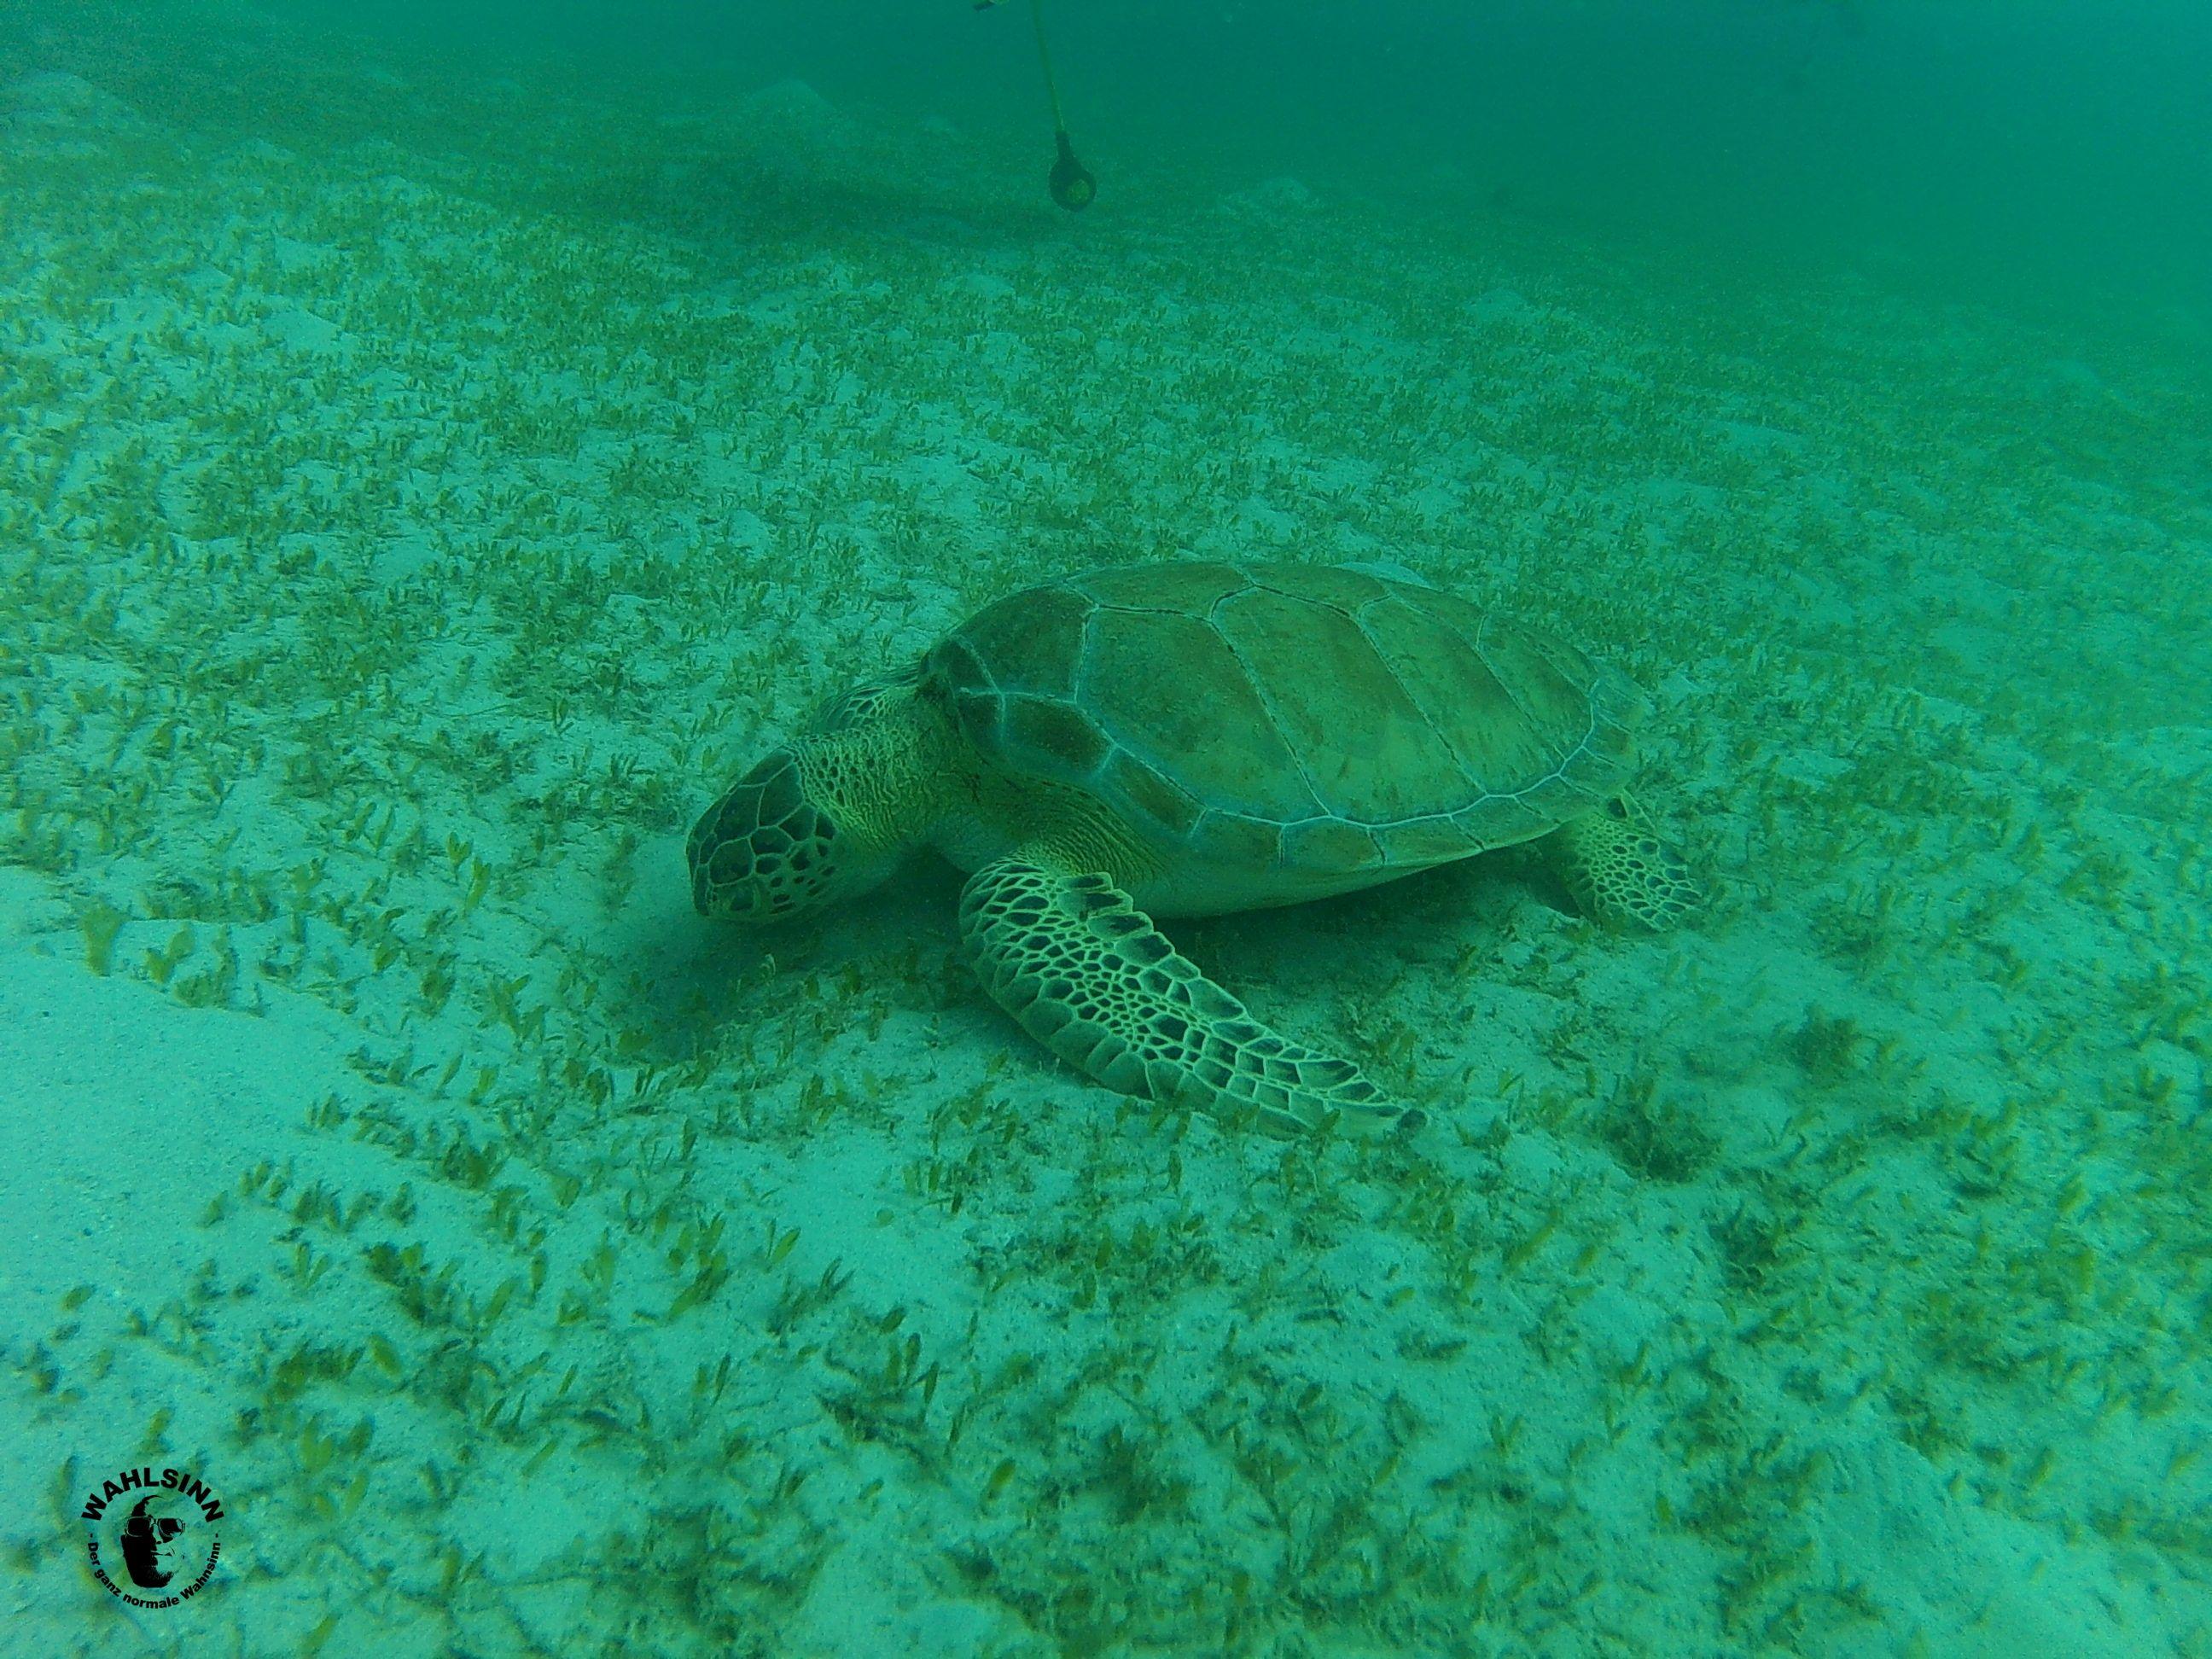 Barbados - Schildkröten sind auf den umliegenden Seegrasen Wiesen oft anzutreffen. Du musst schon mit geschlossenen Augen unterwegs sein, um sie nicht zu sehen